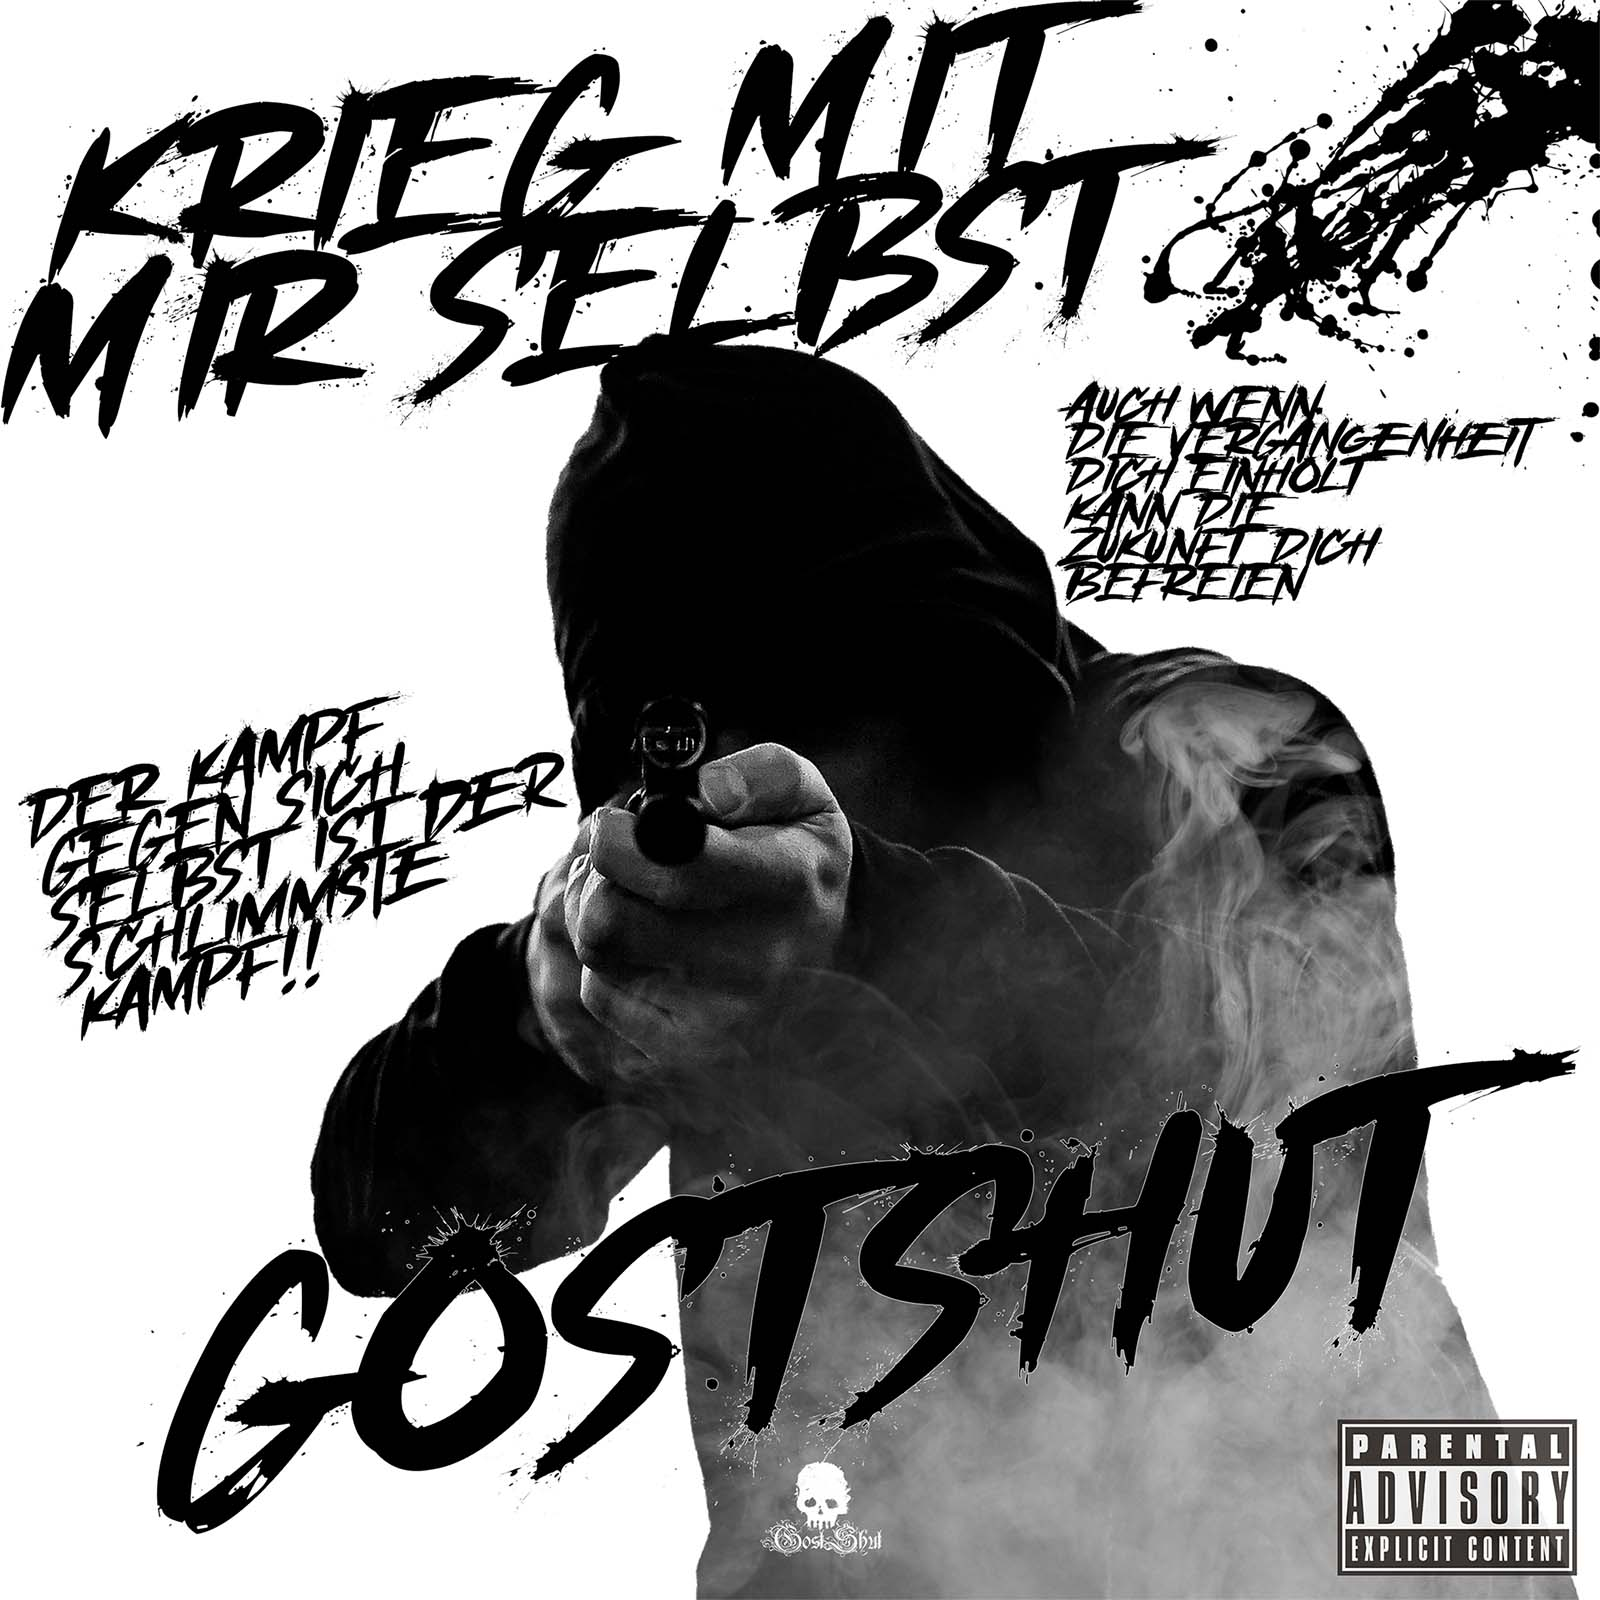 Upcoming: GostShut - Krieg Mit Mir Selbst